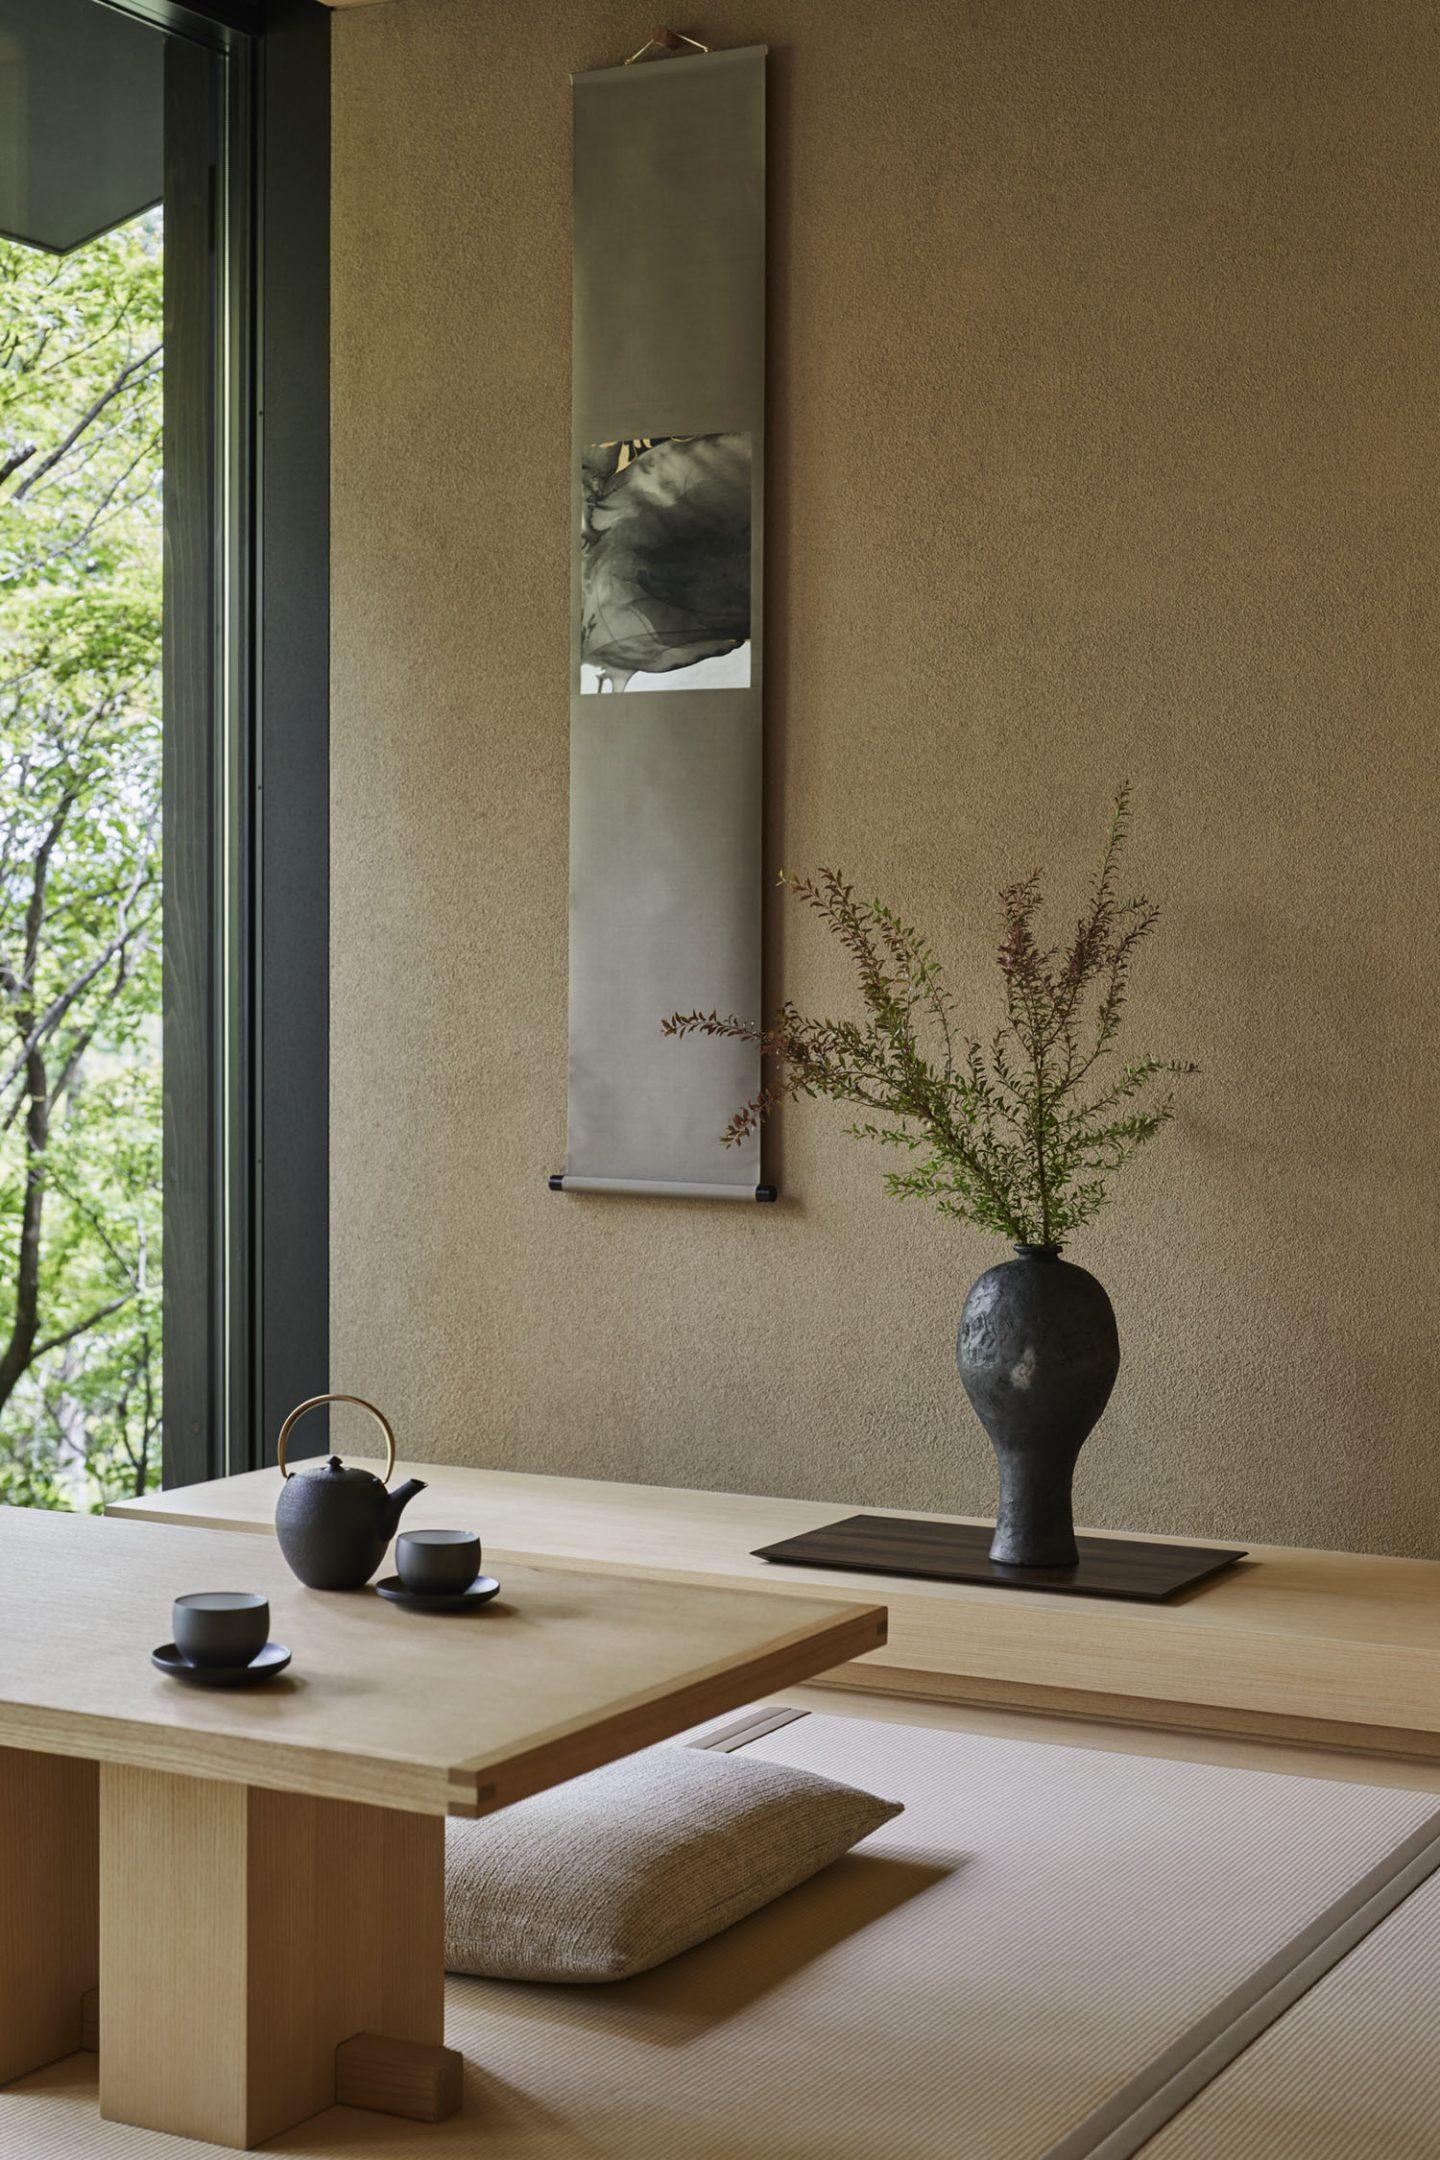 Aman Kyoto, Japan - Pavilion livingroom: Susuki, Nara, Kaede, Hotaru, Takagamine, Washigamine